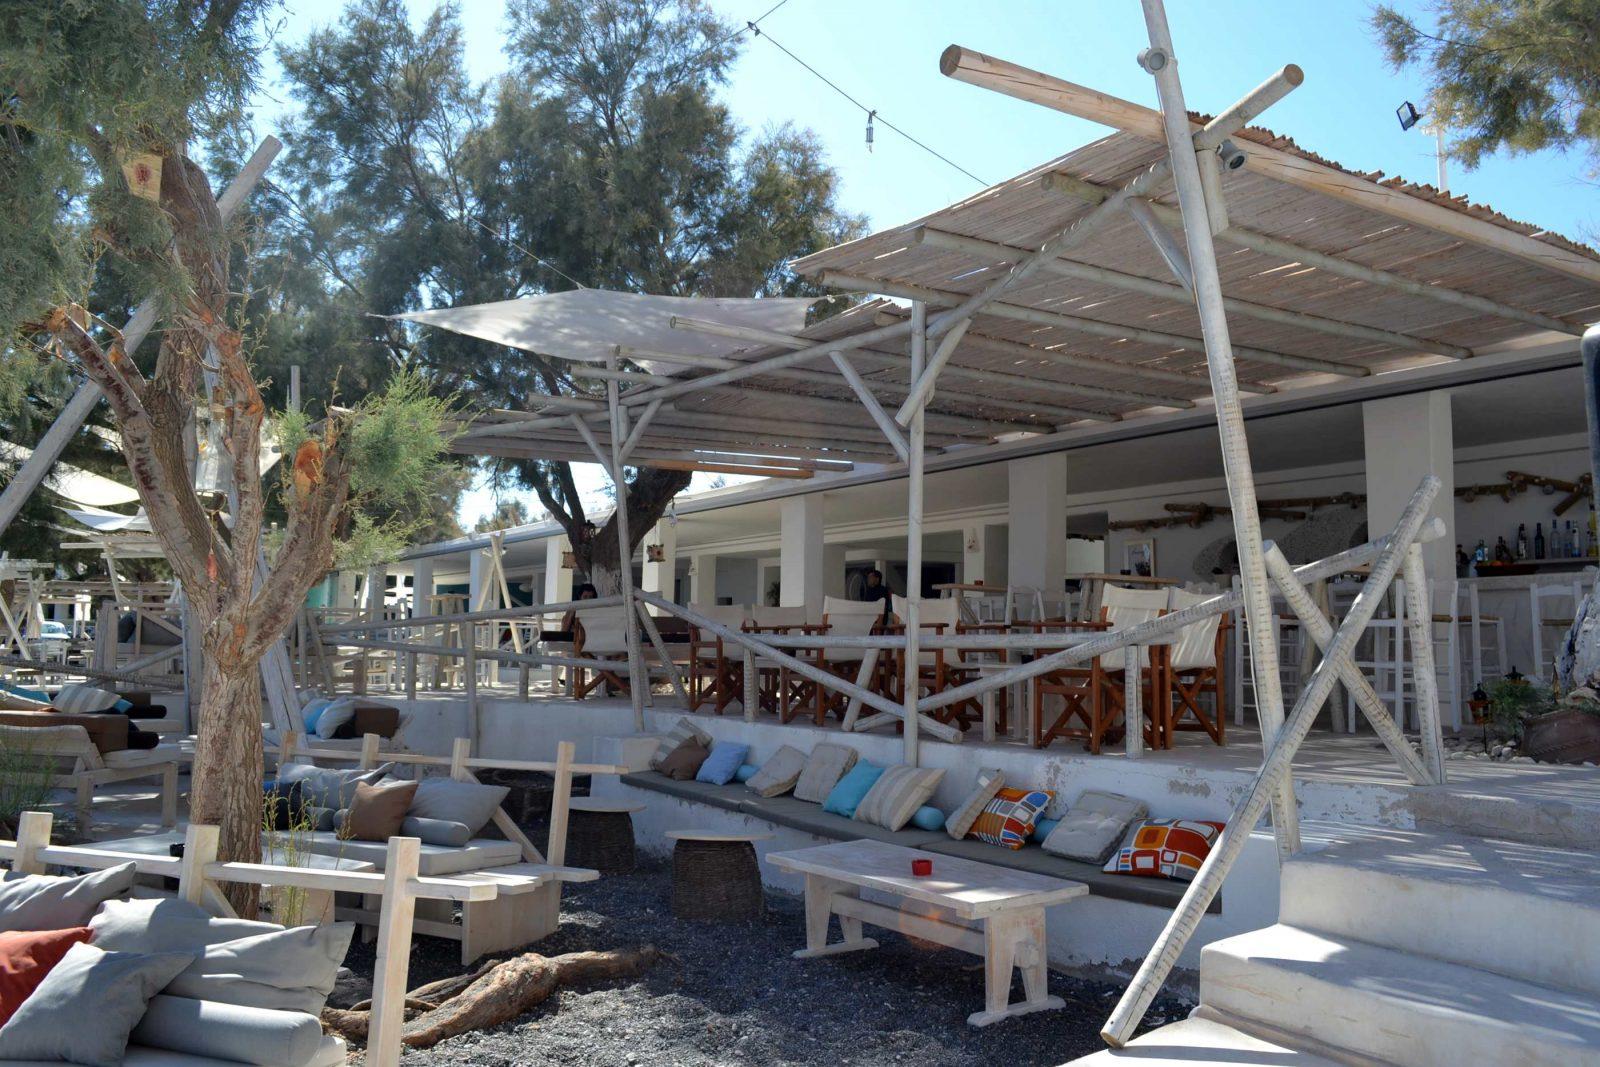 Restaurante Demilmar na praia de Perissa em Santorini